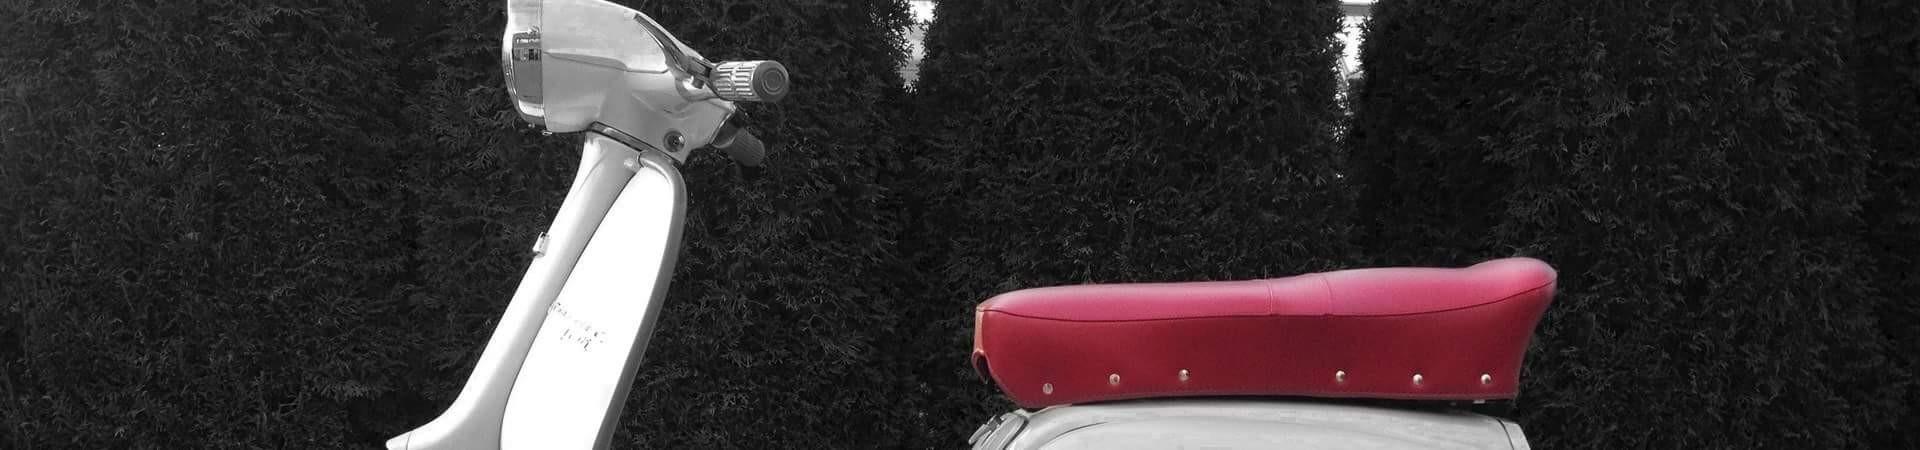 acheter pièces restauration lambretta en belgique Liege Namur Mons Charleroi Spa Malmedy Scooter Passion